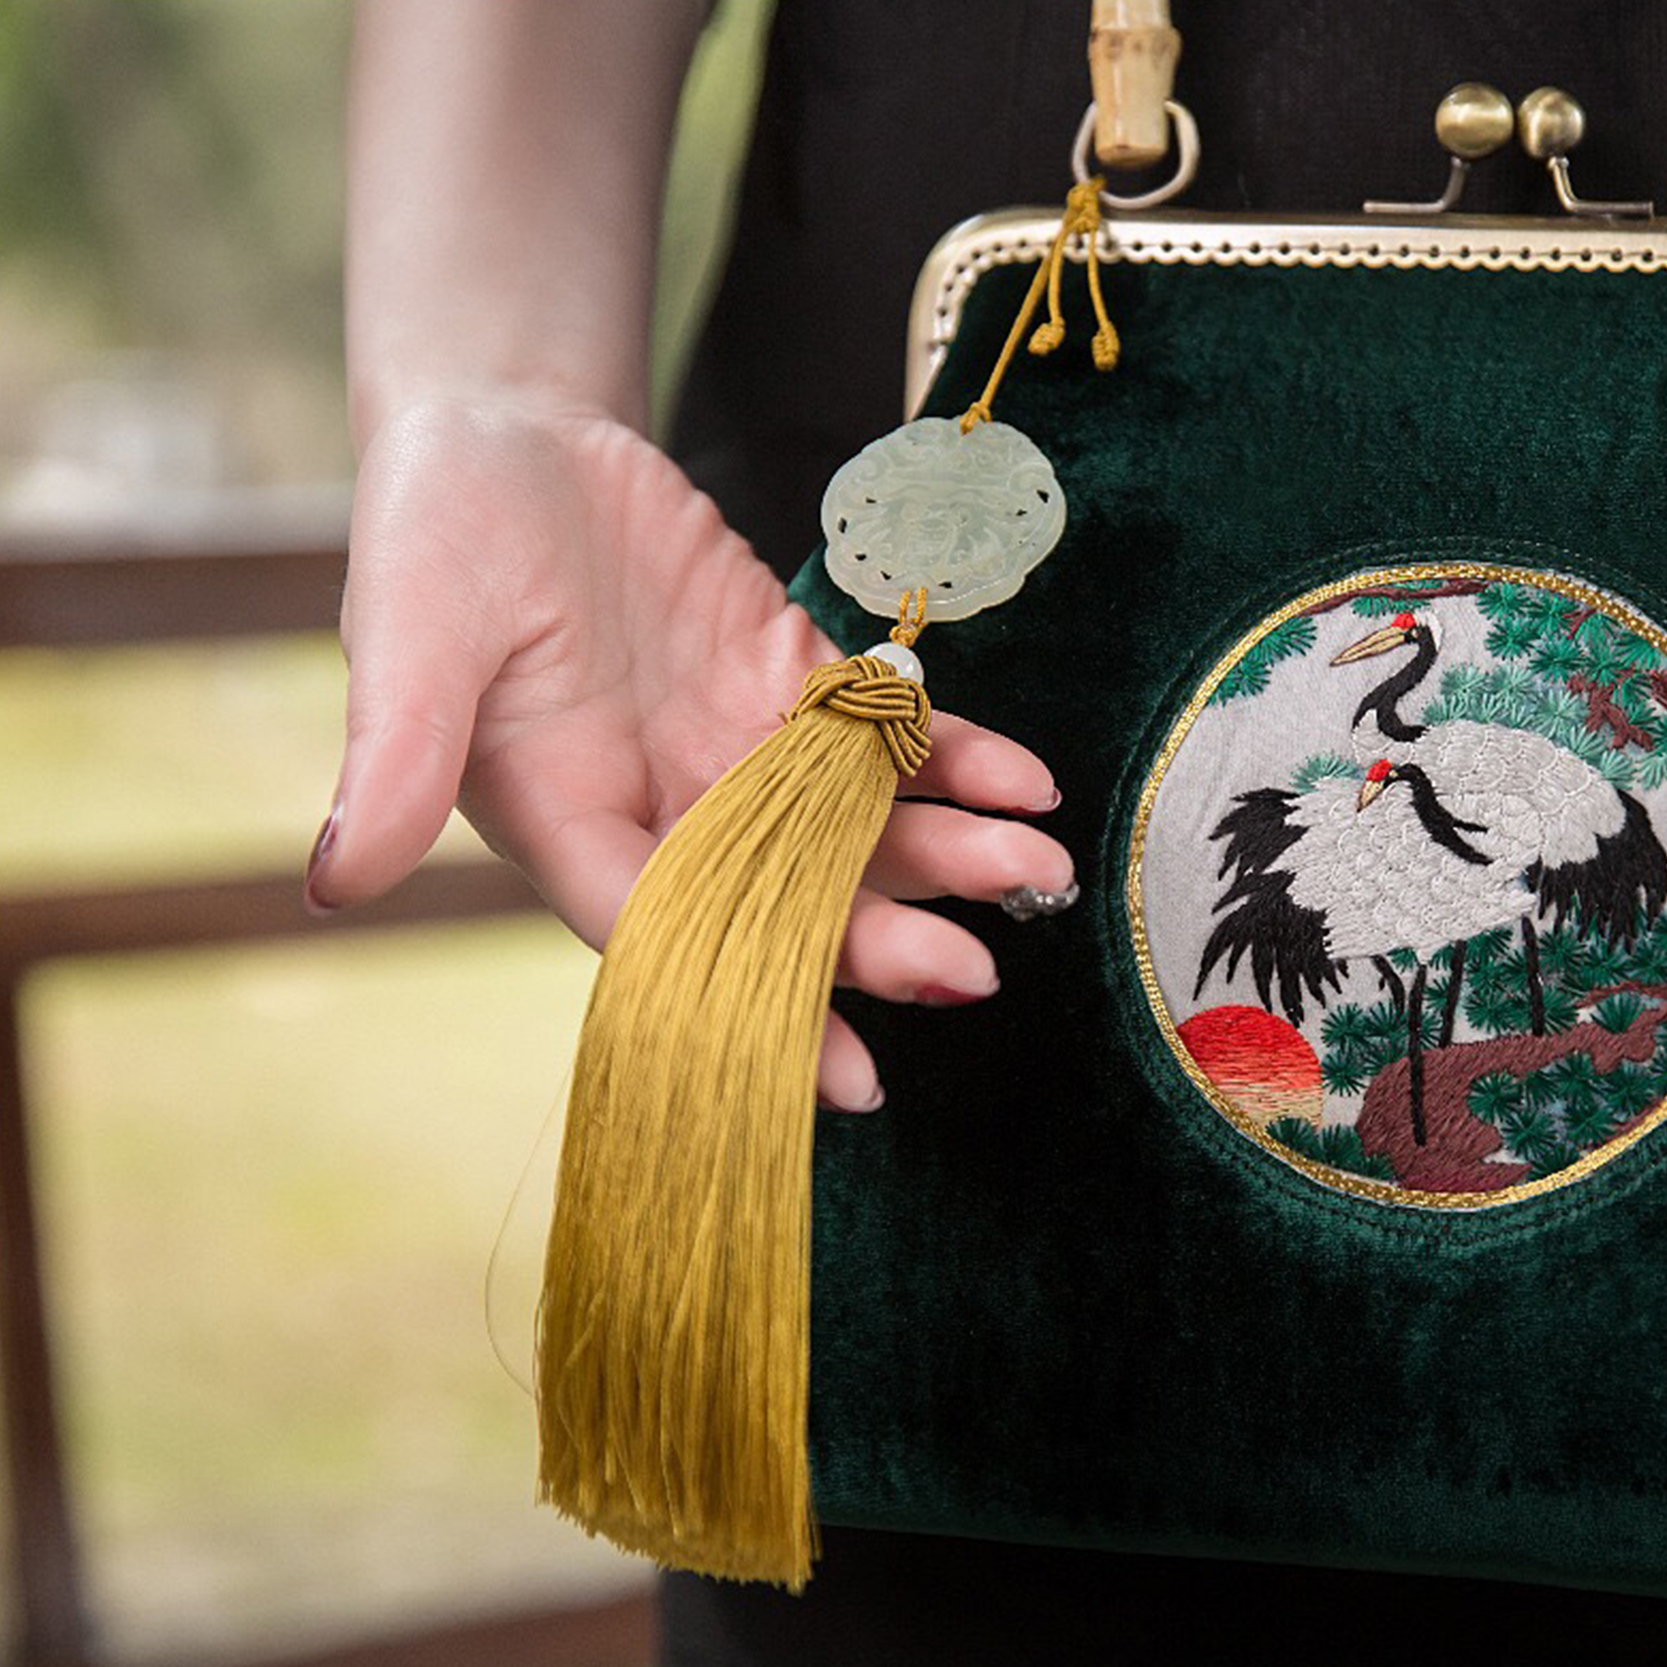 Оригинальная дизайнерская женская сумка в китайском стиле вместительная